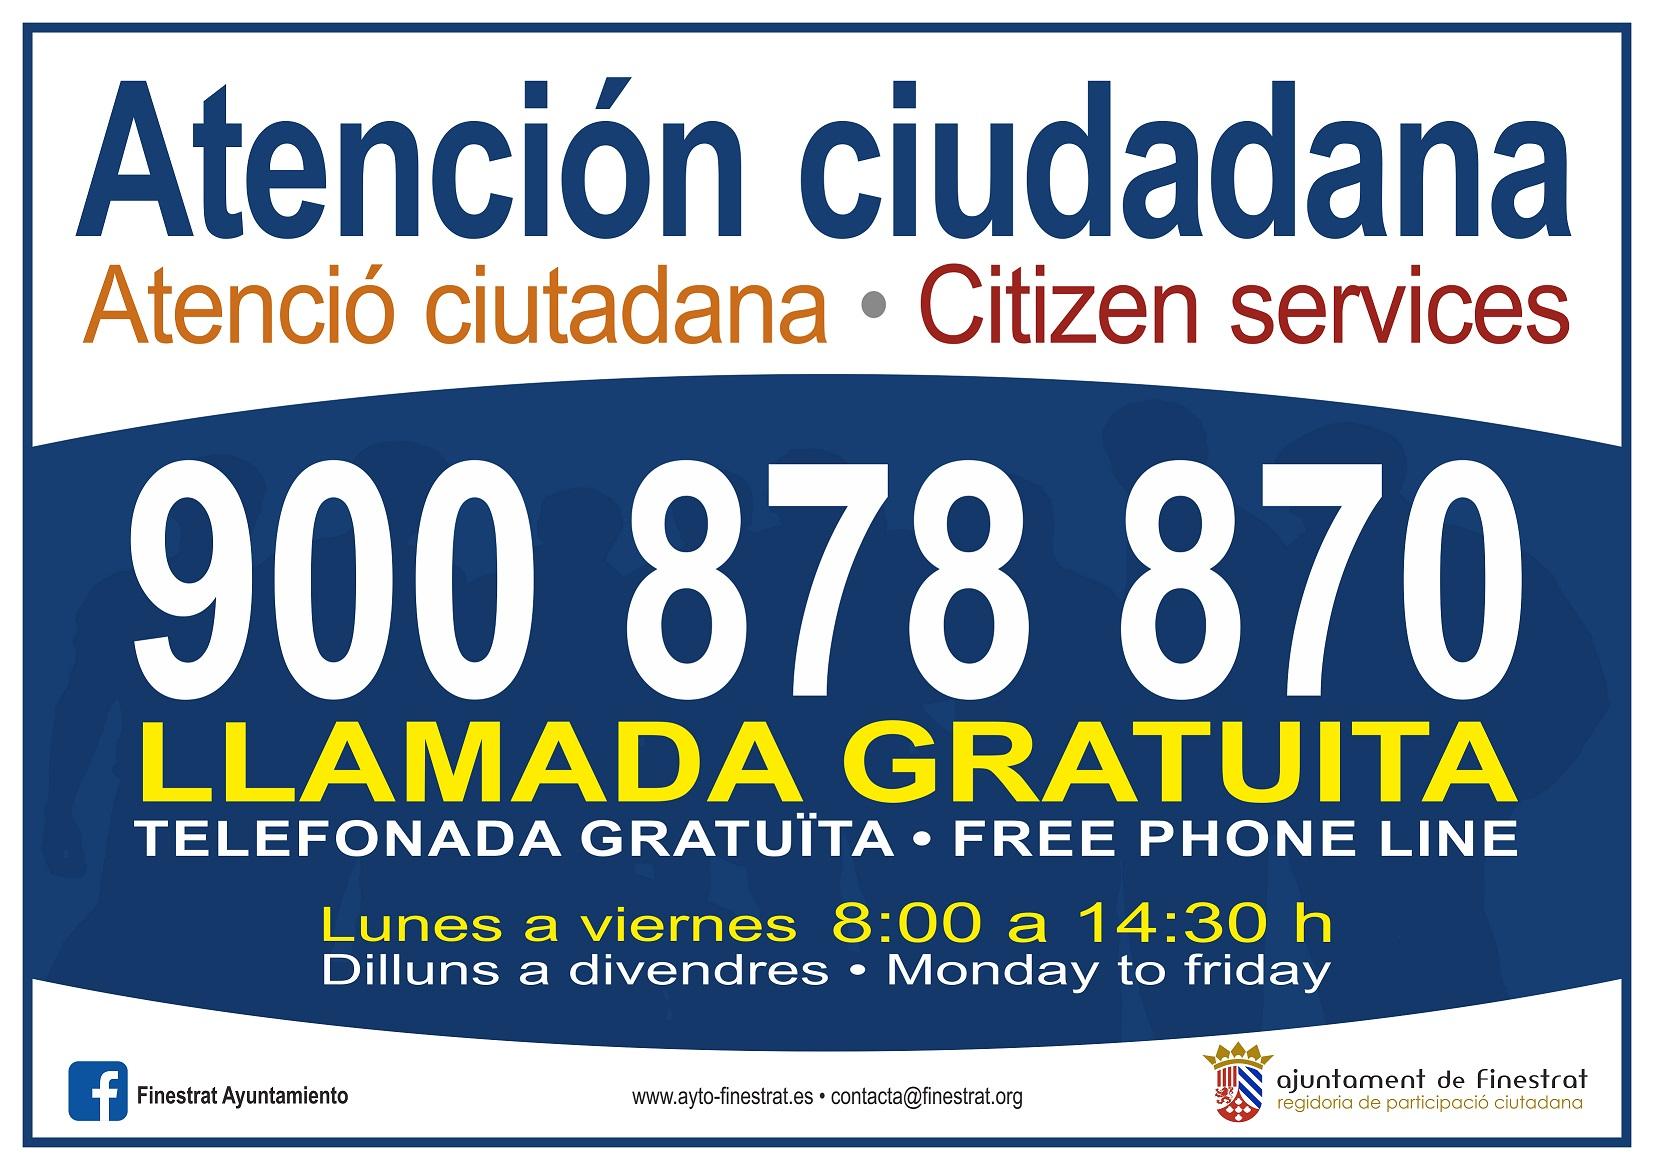 atencion-ciudadana-ayuntamiento-finestrat